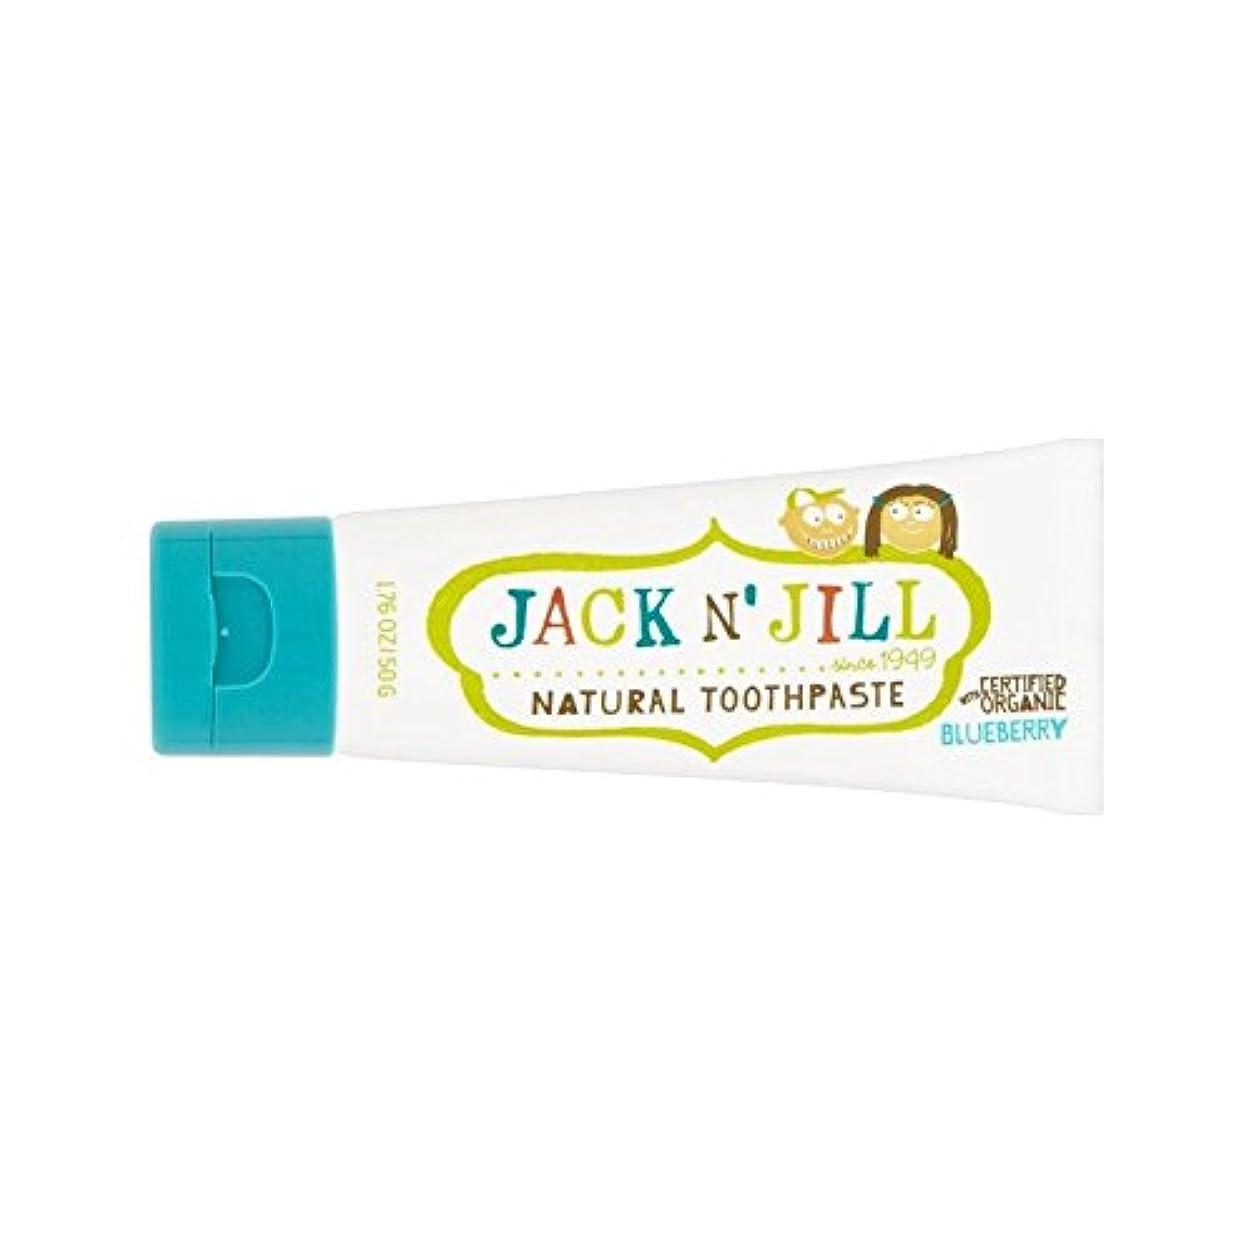 成人期塩オートメーション有機香味50グラムとの自然なブルーベリー歯磨き粉 (Jack N Jill) (x 6) - Jack N' Jill Blueberry Toothpaste Natural with Organic Flavouring...